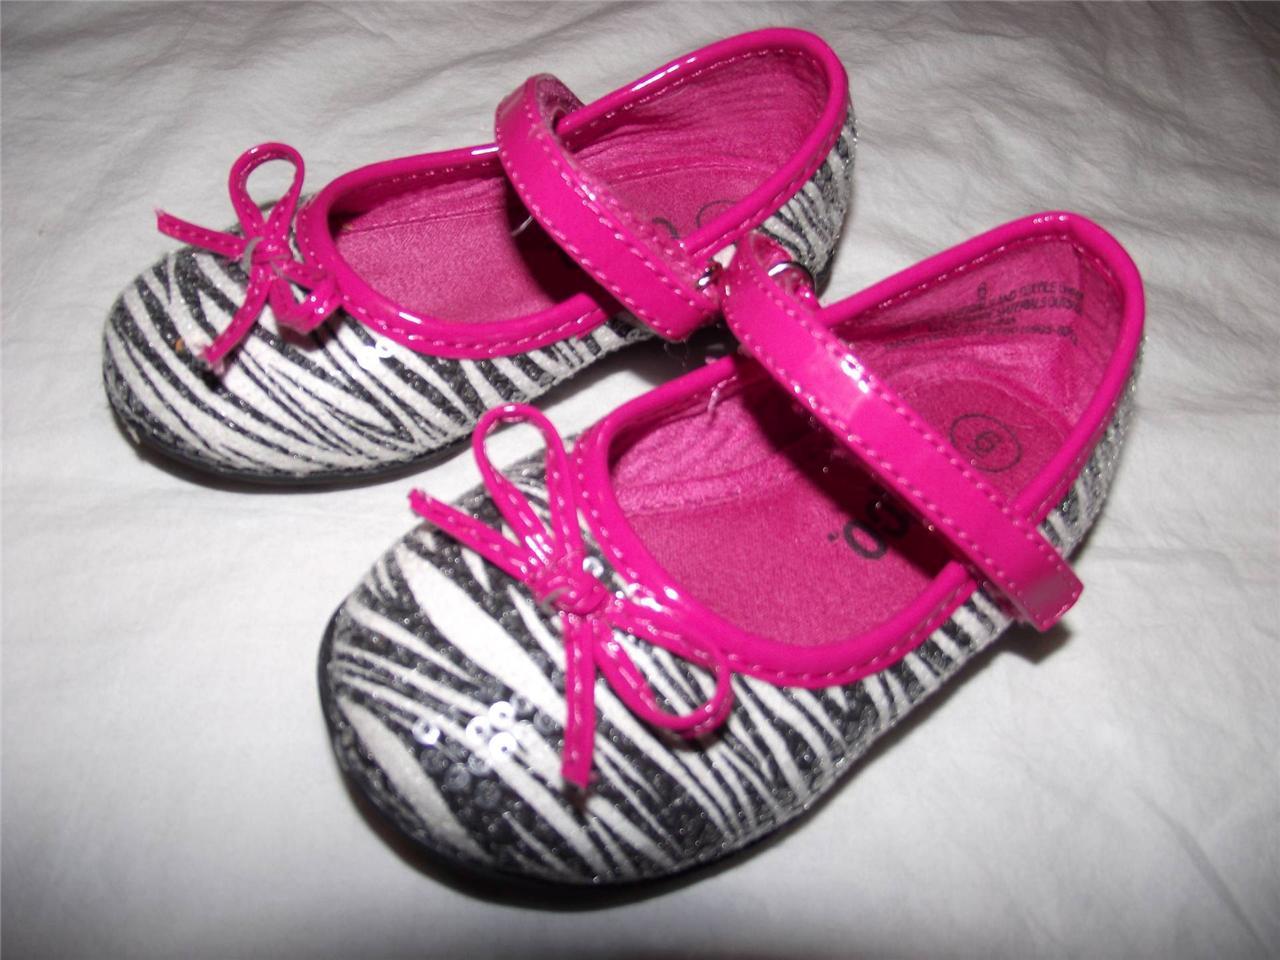 toddler circo zebra animal print shoes pink patent